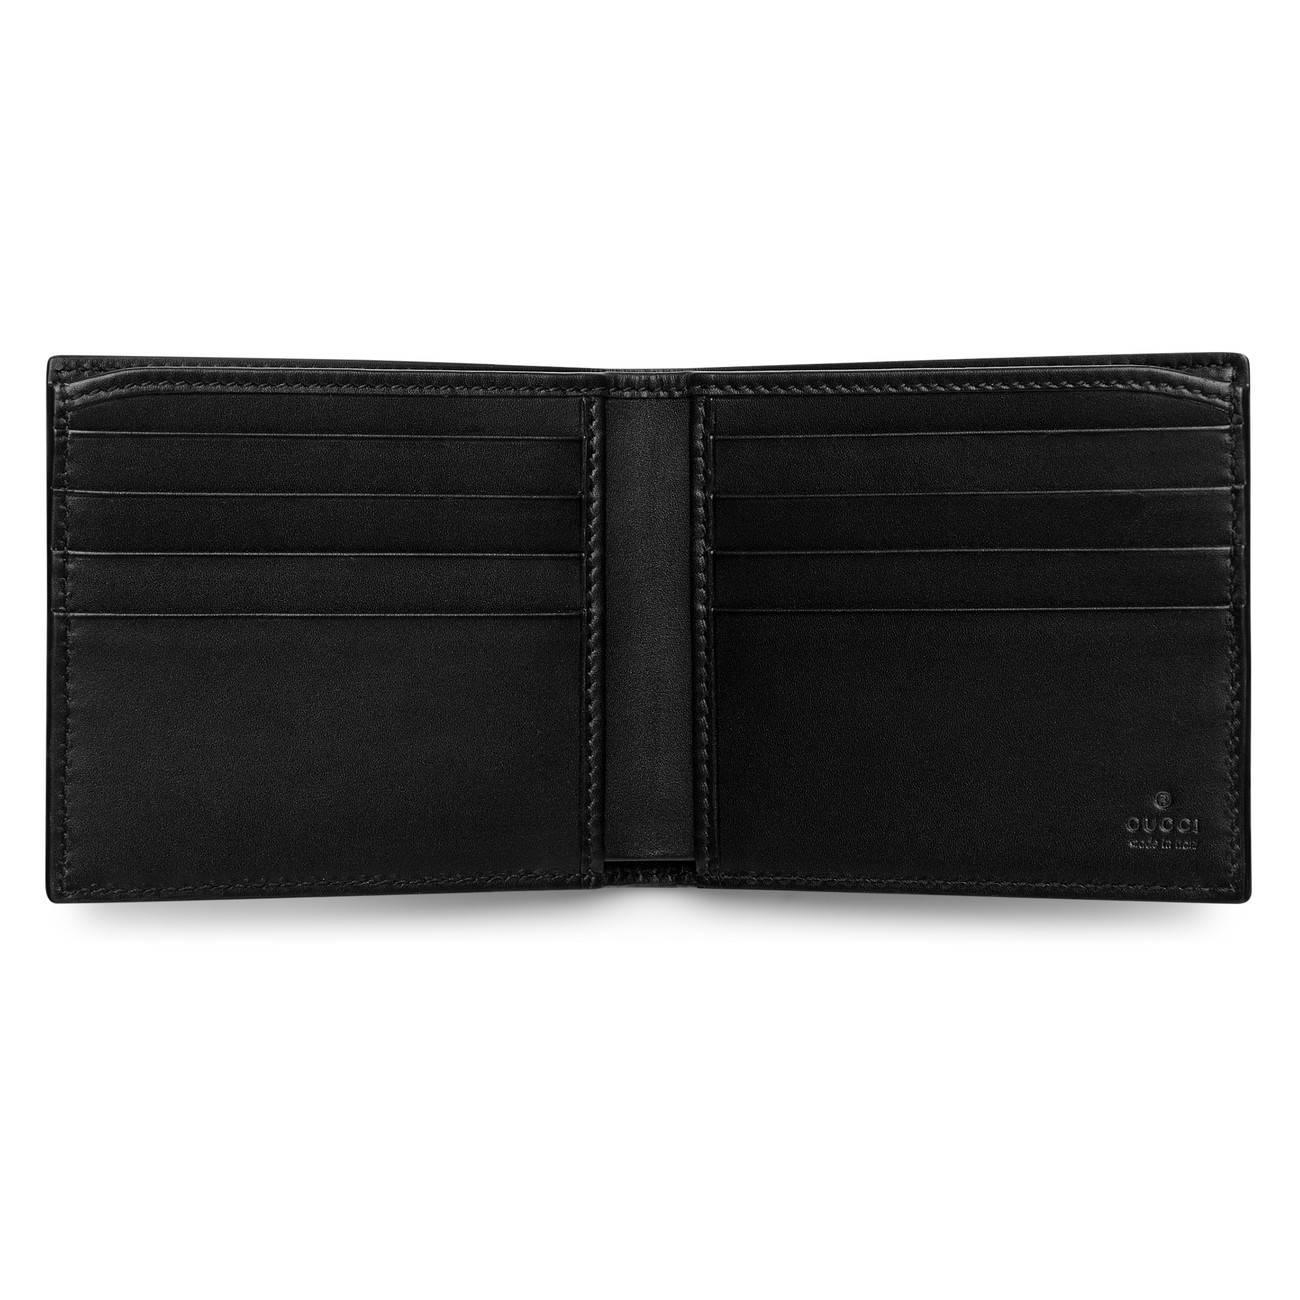 bc38aa41f68f Gucci - Black Signature Wallet for Men - Lyst. View fullscreen